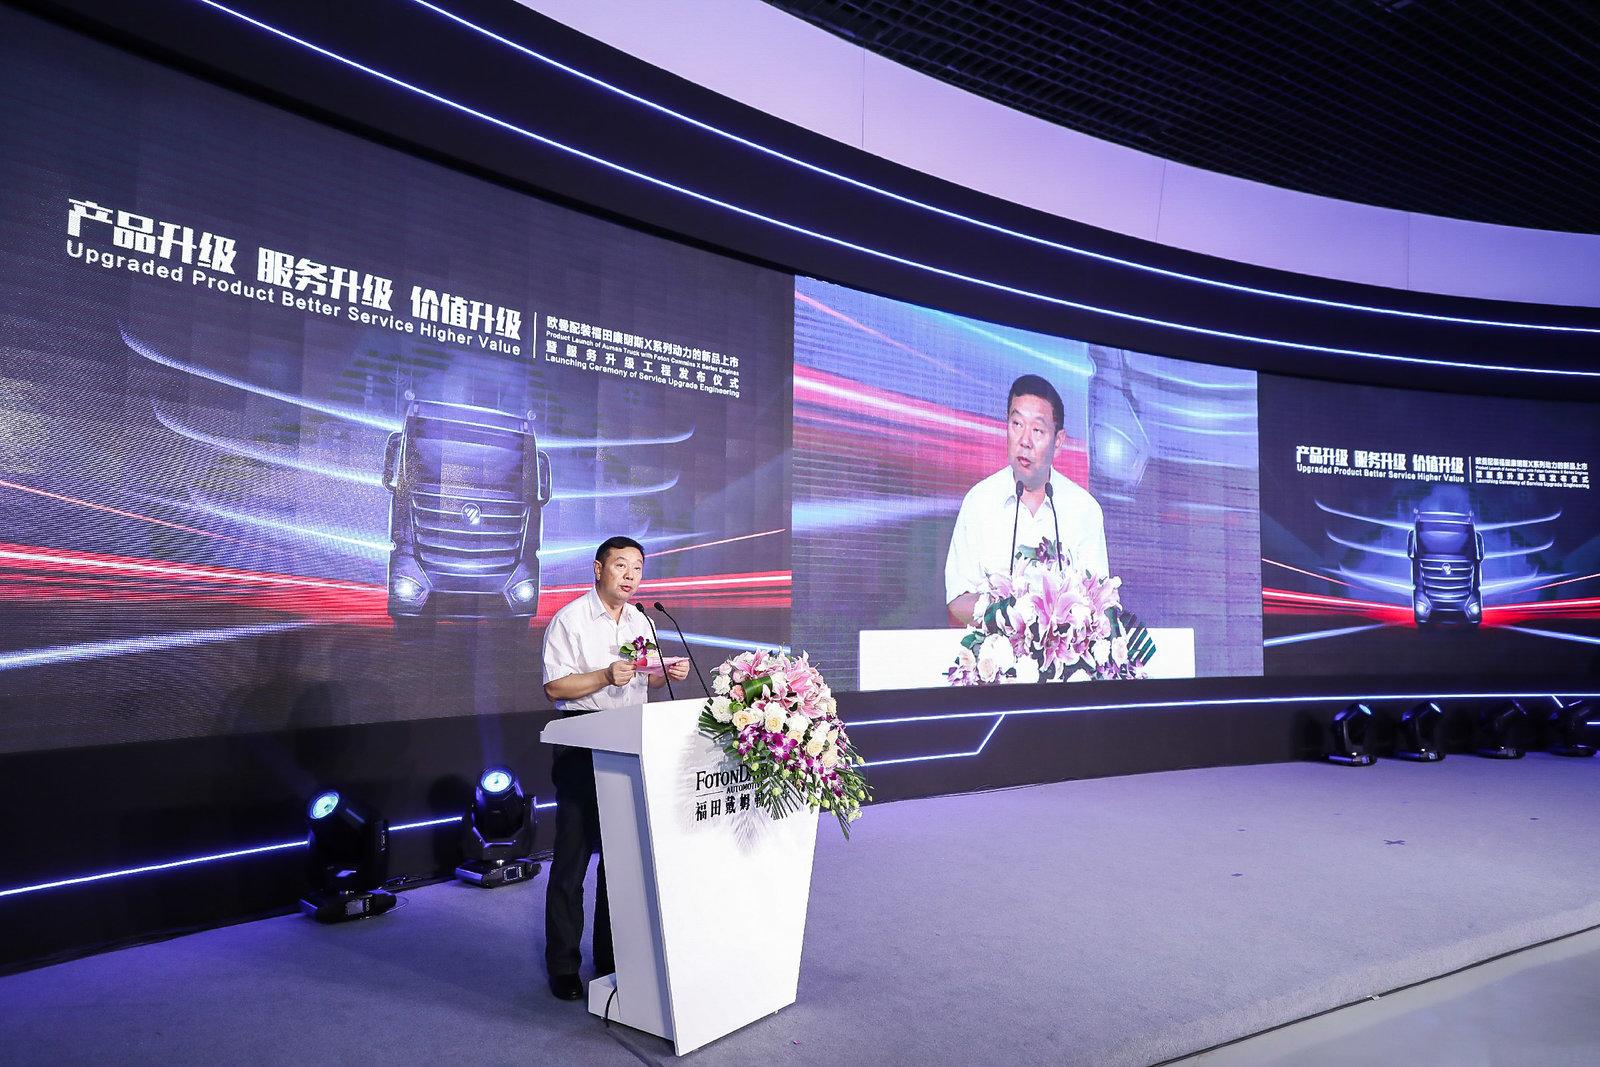 欧曼EST 树立中国智造与中国速度新标杆